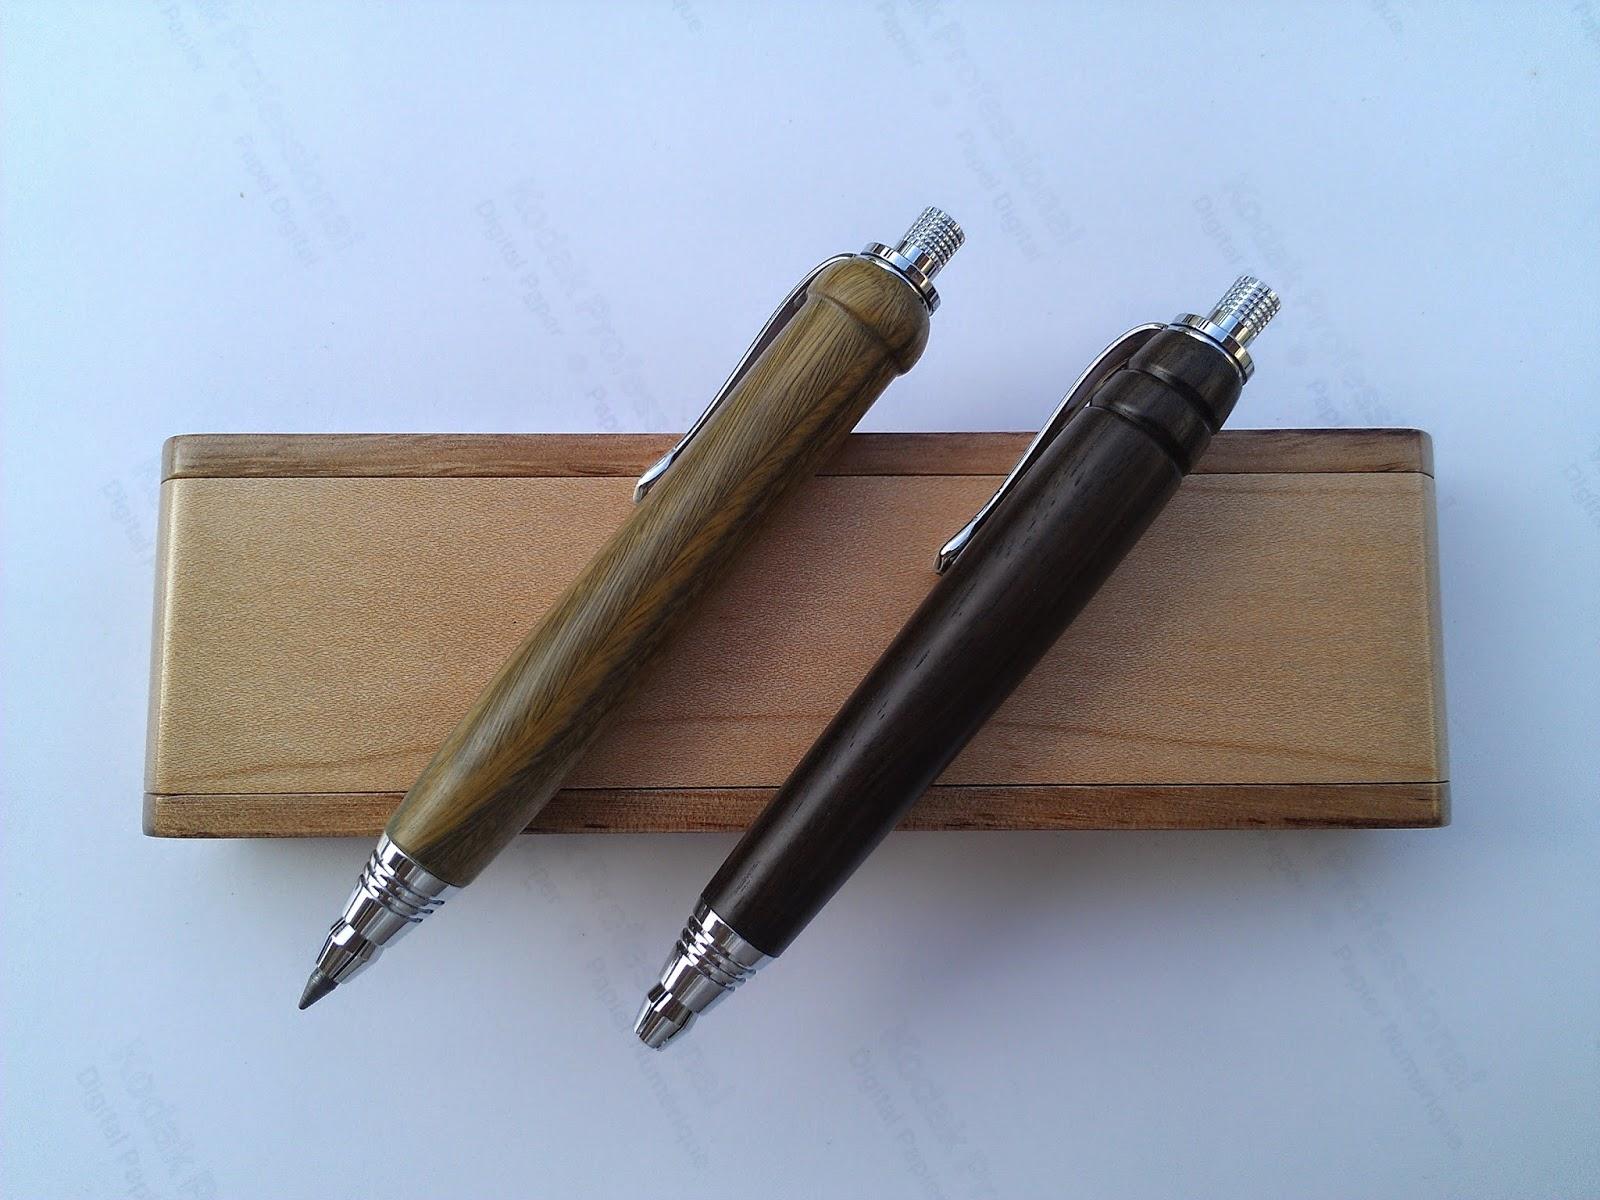 愛地球木工坊: 愛地球木工坊 原木筆製作推廣班預約報名中